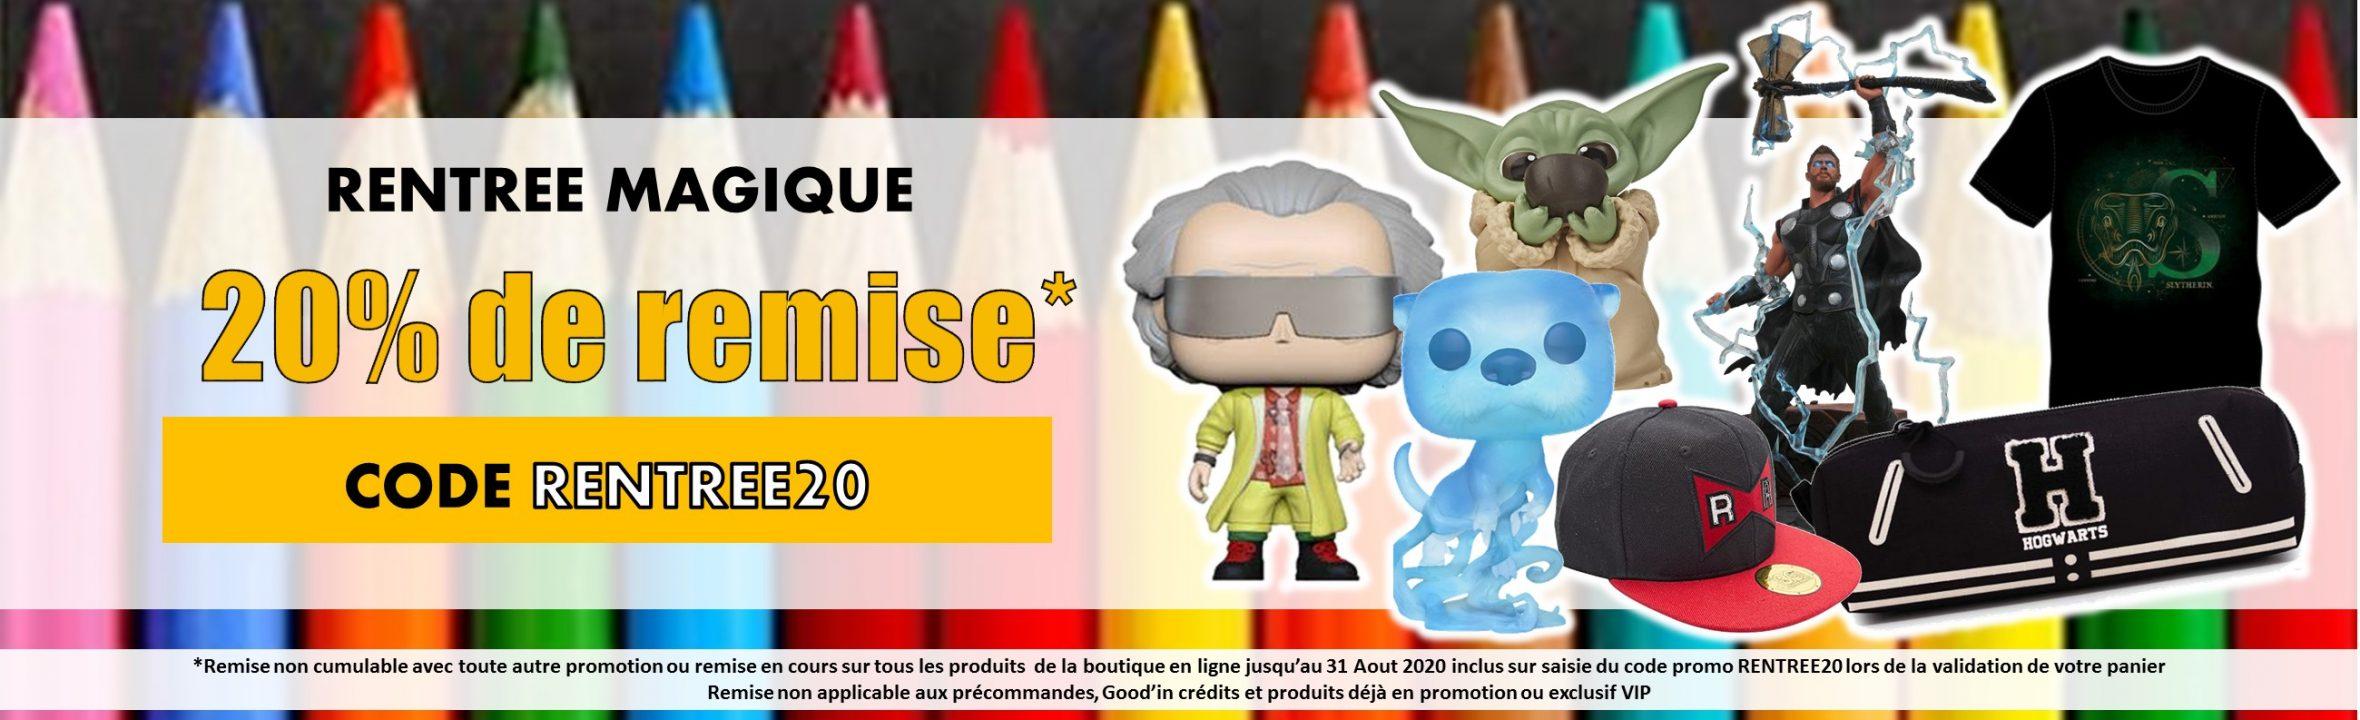 promotion rentrée 20% de remise funko pop goodies figurines goodin shop